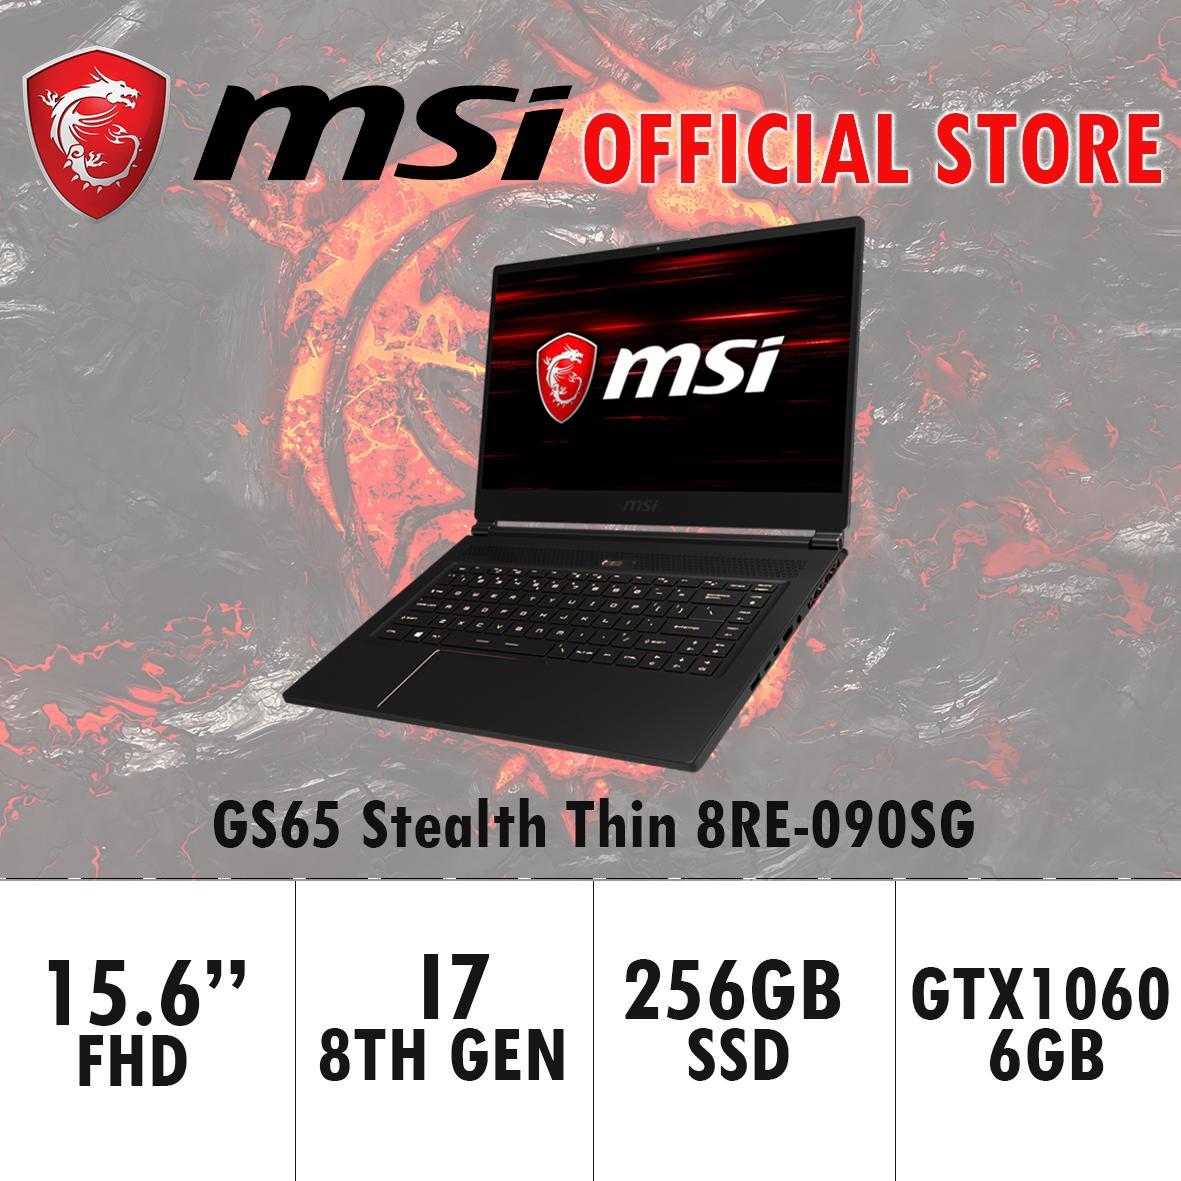 MSI GS65 Stealth Thin 8RE-090SG (I7-8750H/16GB DDR4/256GB SSD /6GB NVIDIA GTX1060) GAMING LAPTOP